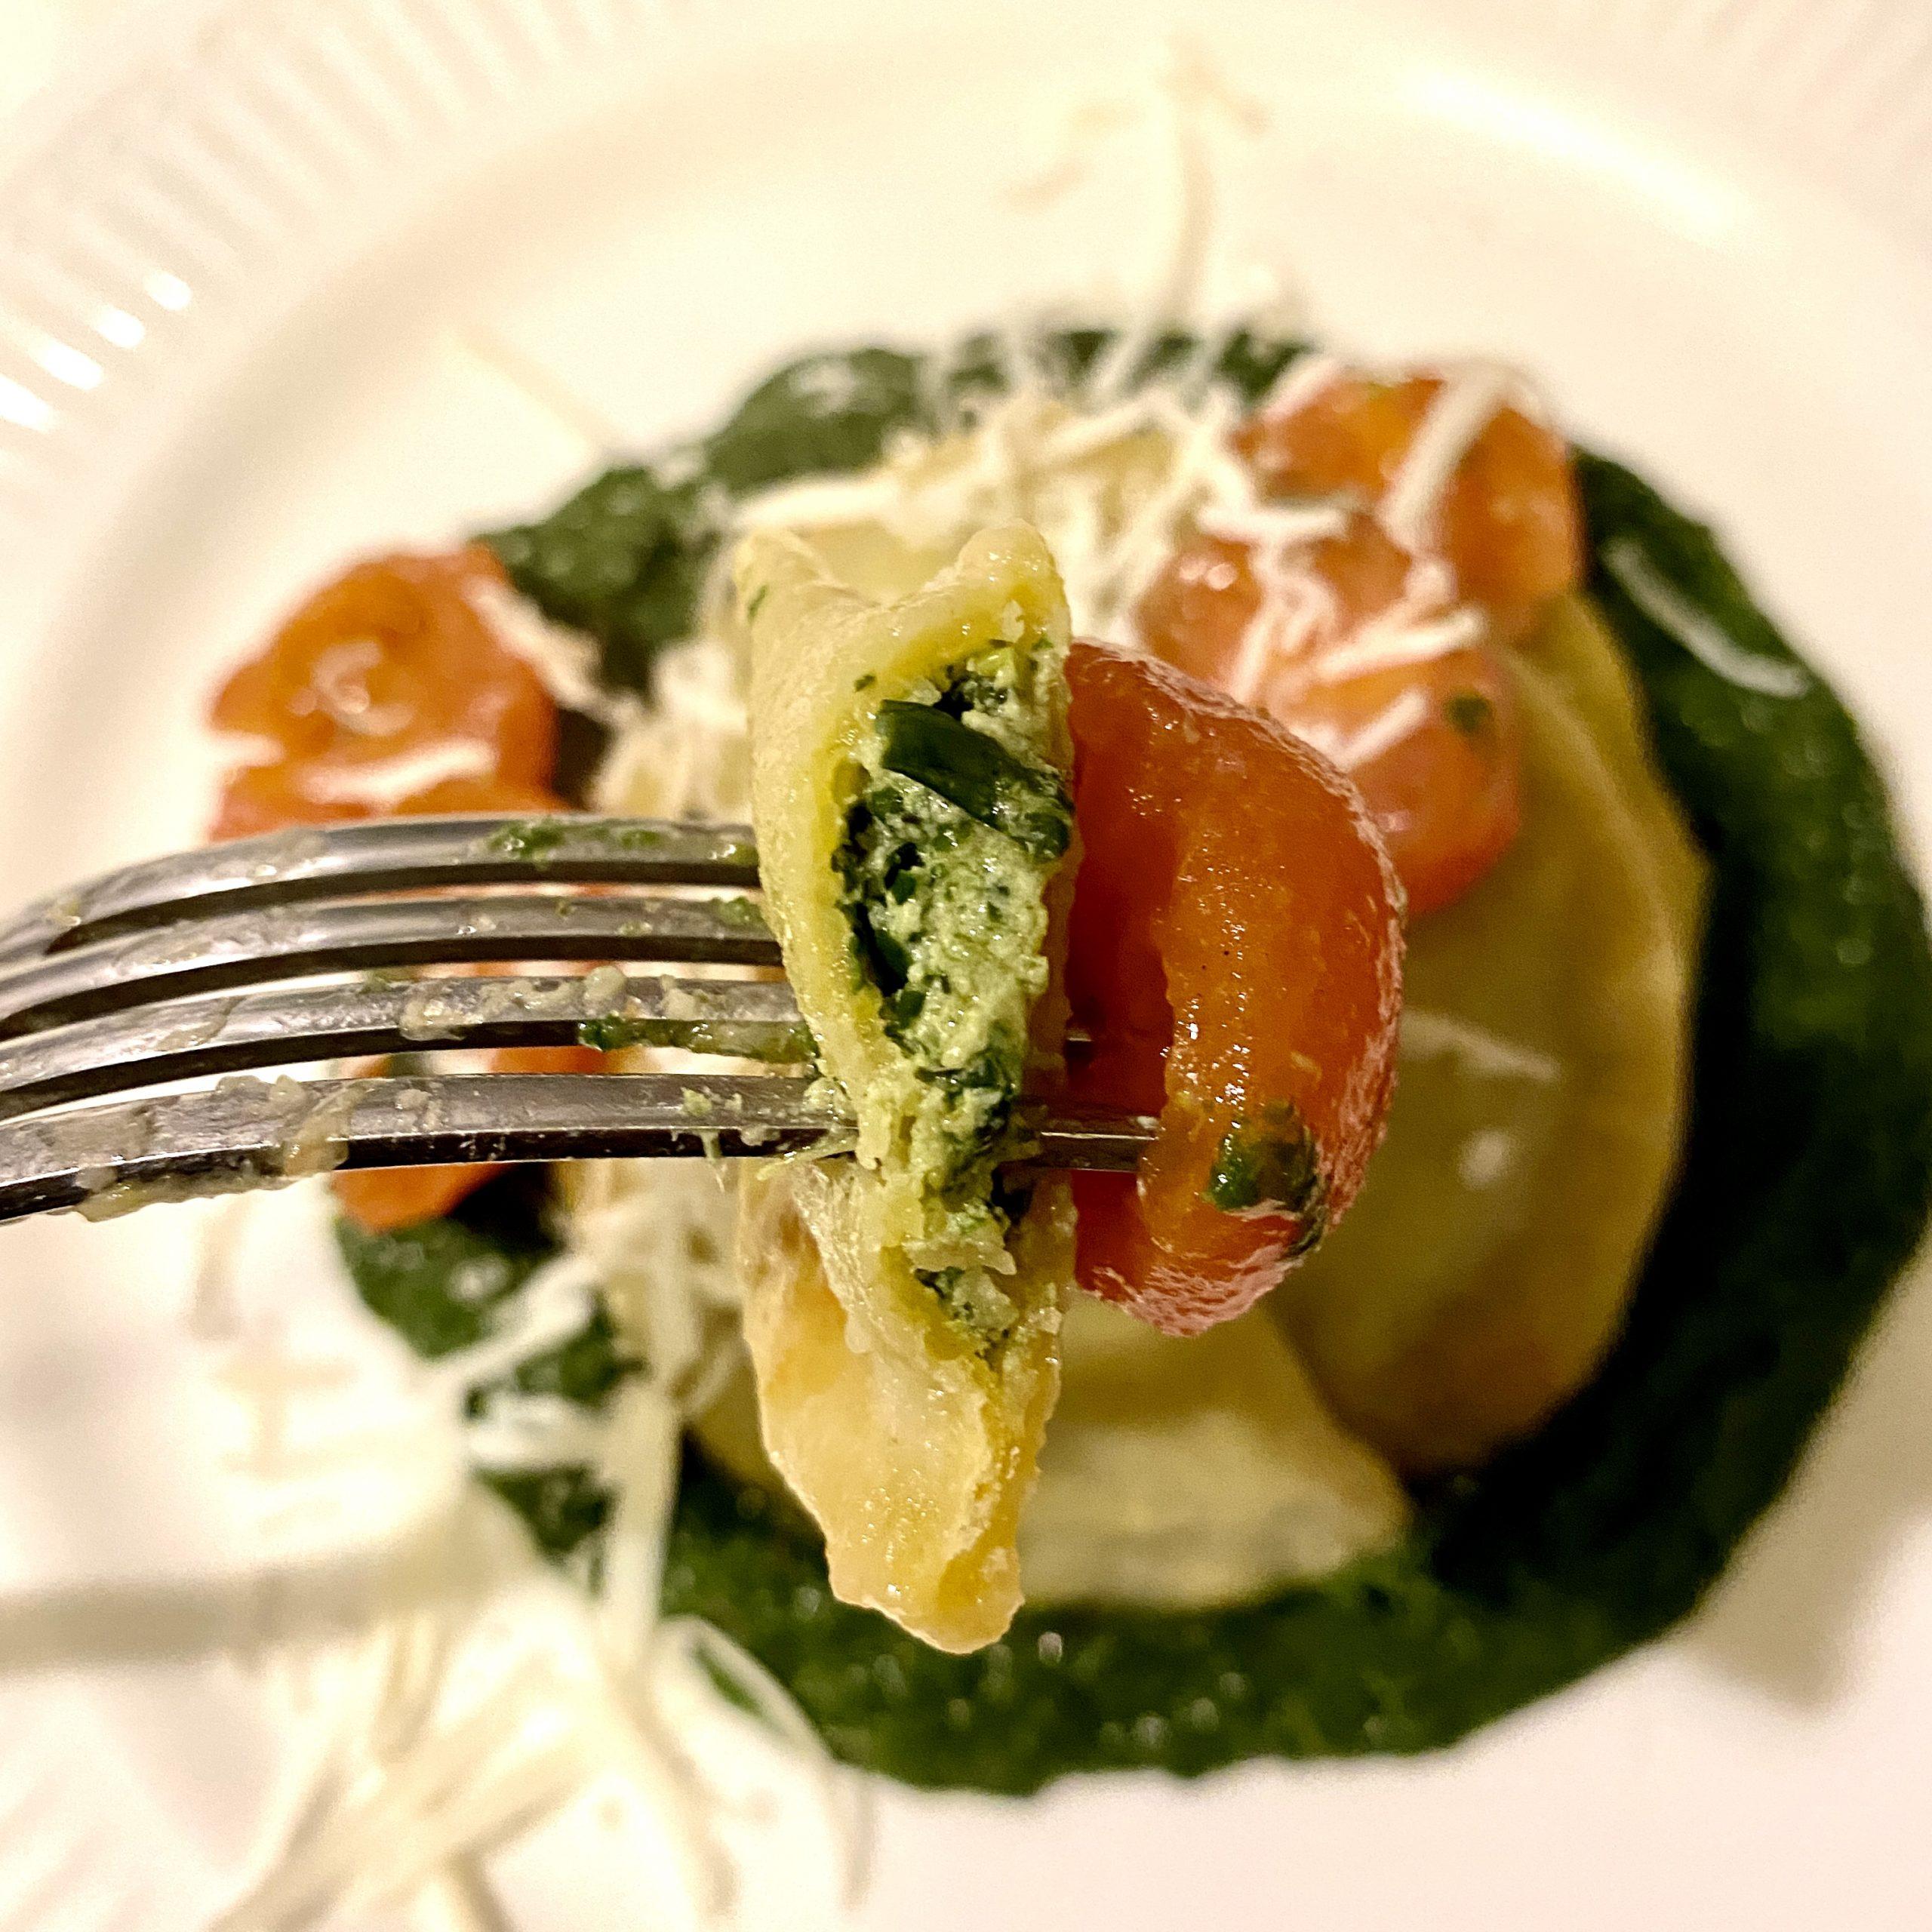 Mezzelune all'uovo con cima di rapa, spinaci e ricotta.